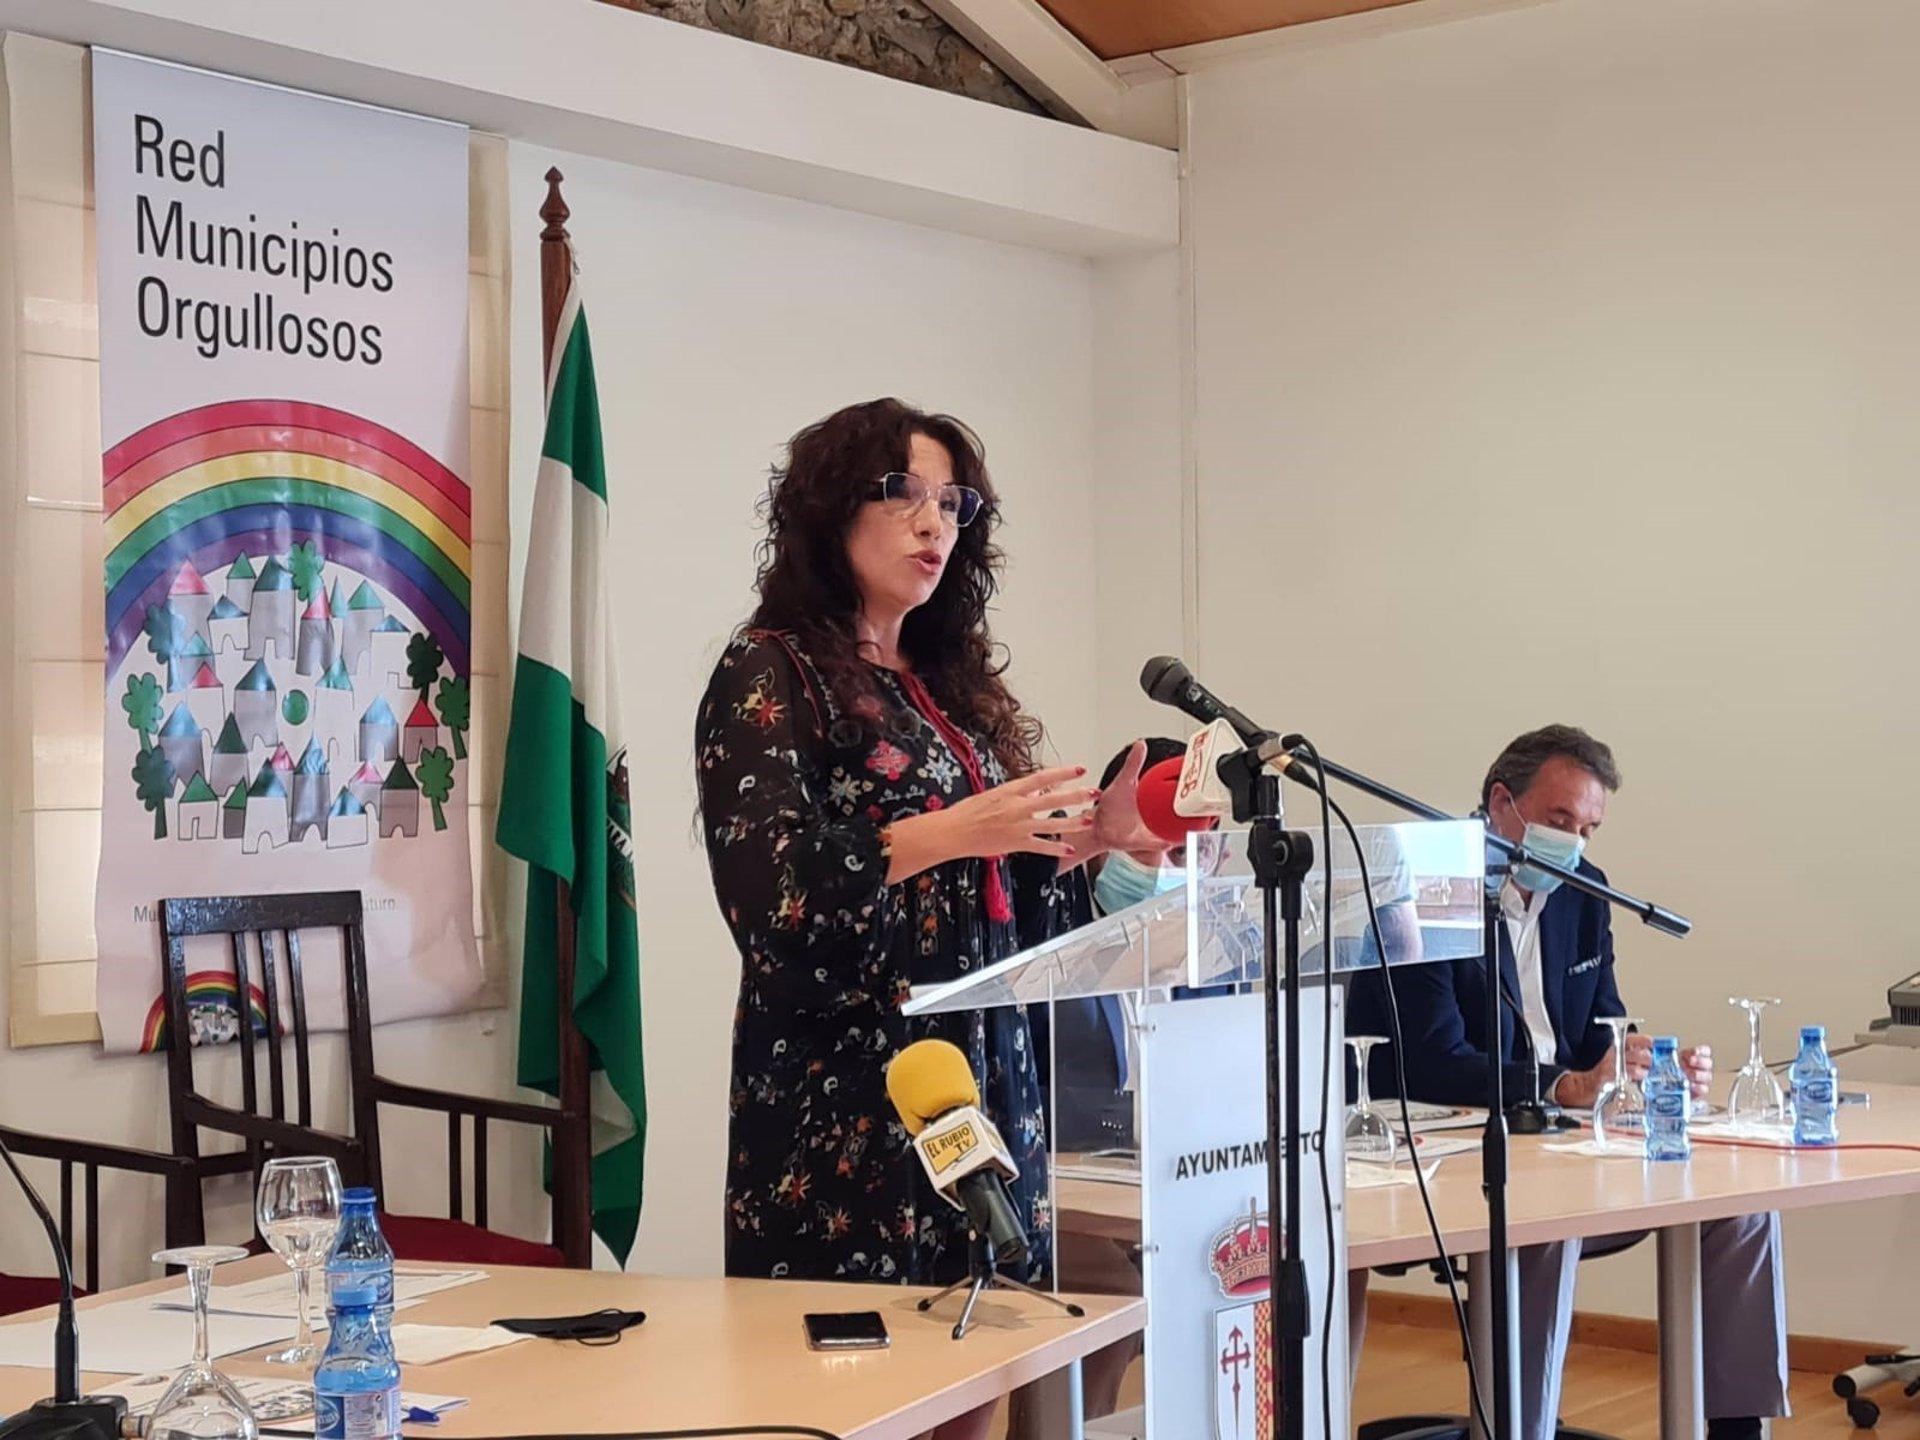 La consejera de Igualdad reivindica los «avances en la defensa del colectivo Lgtbi» logrados esta legislatura